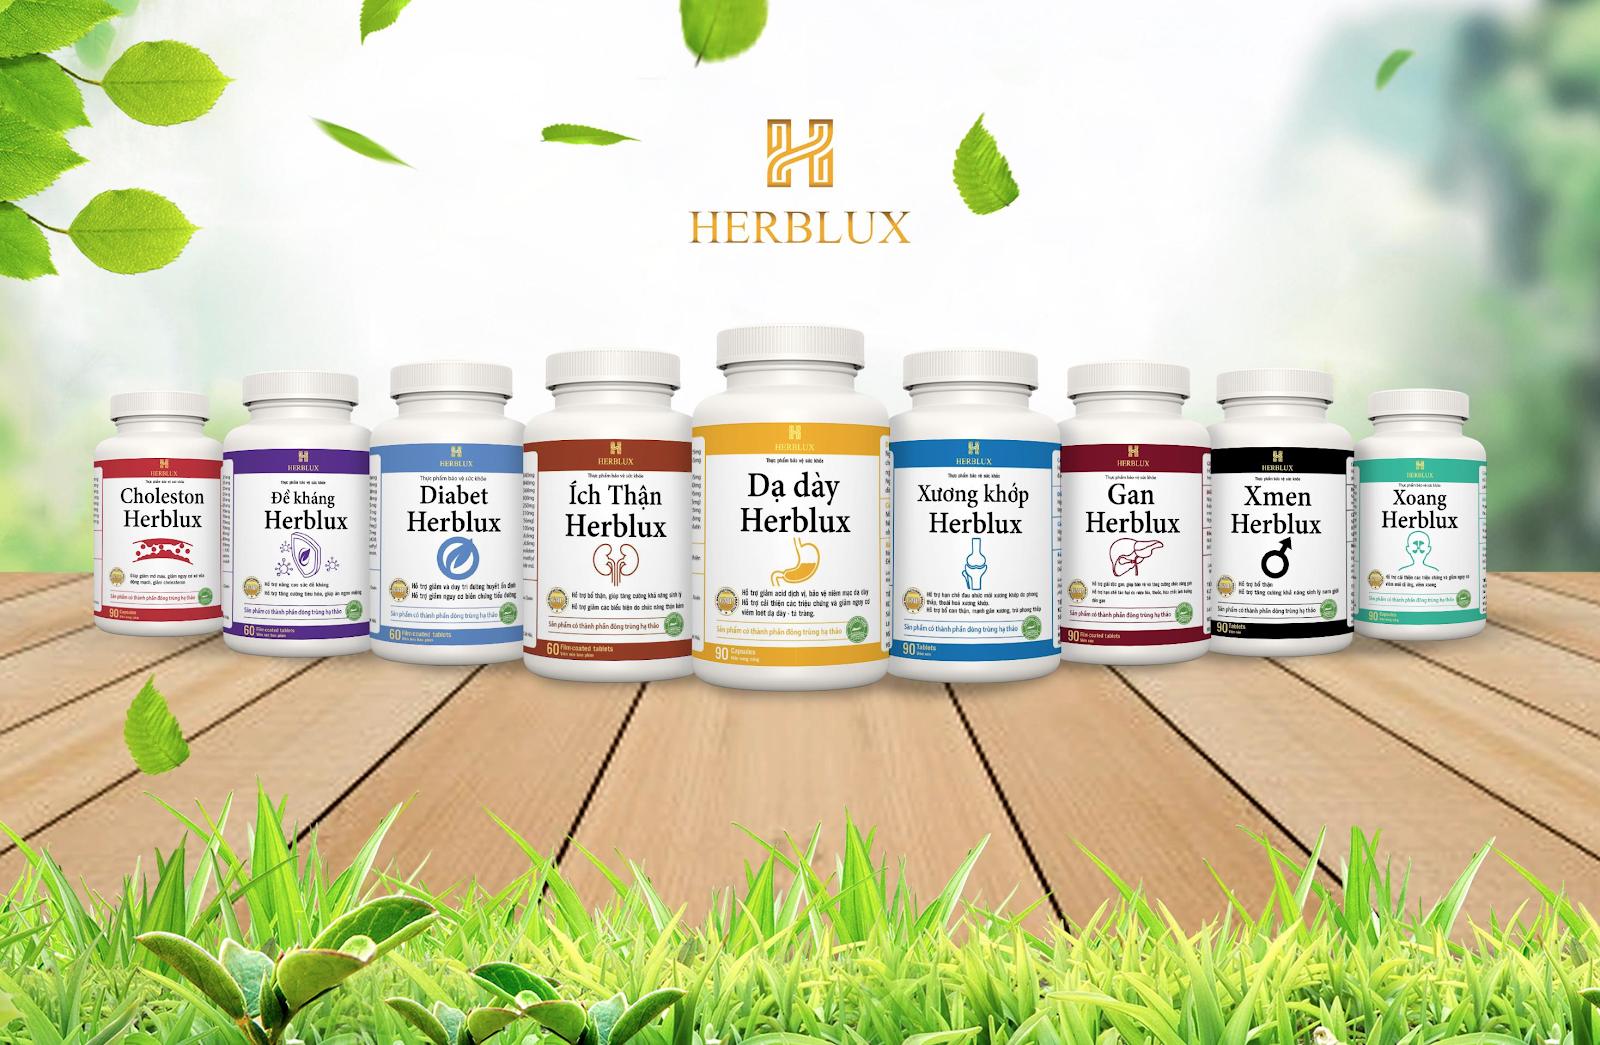 Tiền Phong: Thương hiệu TPCN Herblux - Hội tụ tinh hoa đất trời